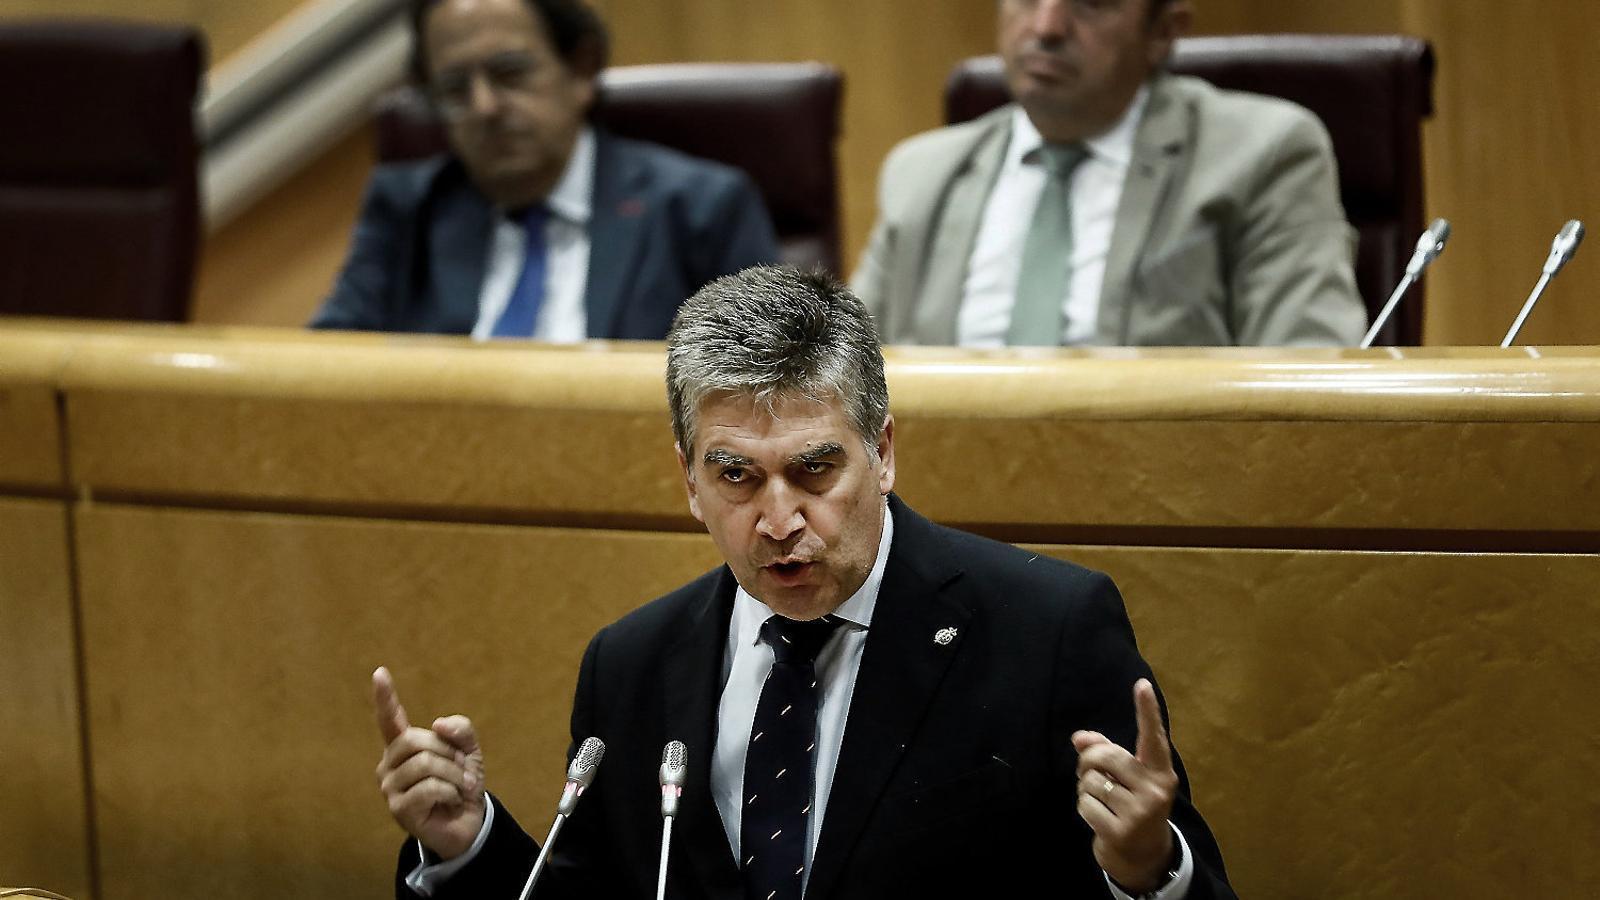 El PP planteja incloure els delictes de sedició i rebel·lió en les euroordres per evitar casos com el de Puigdemont